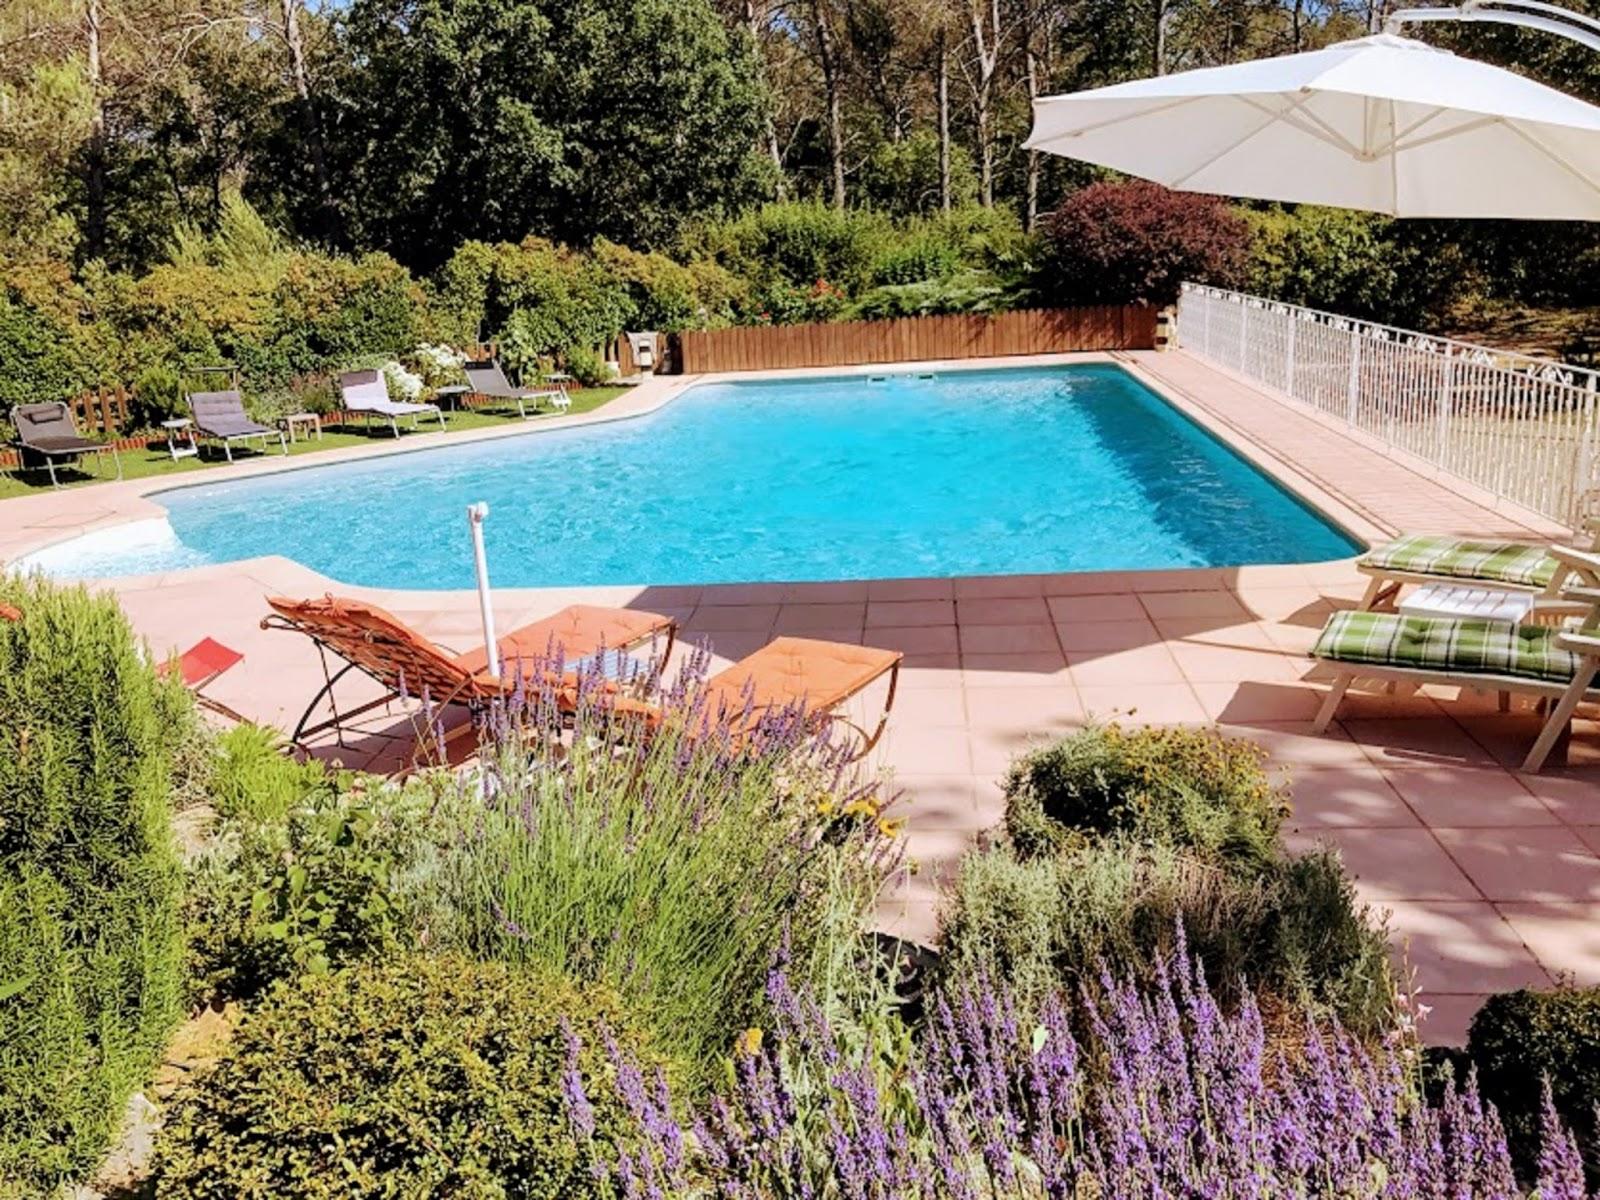 Aix en provence cassis superbe villa piscine chauff e - Piscine plein air aix en provence ...